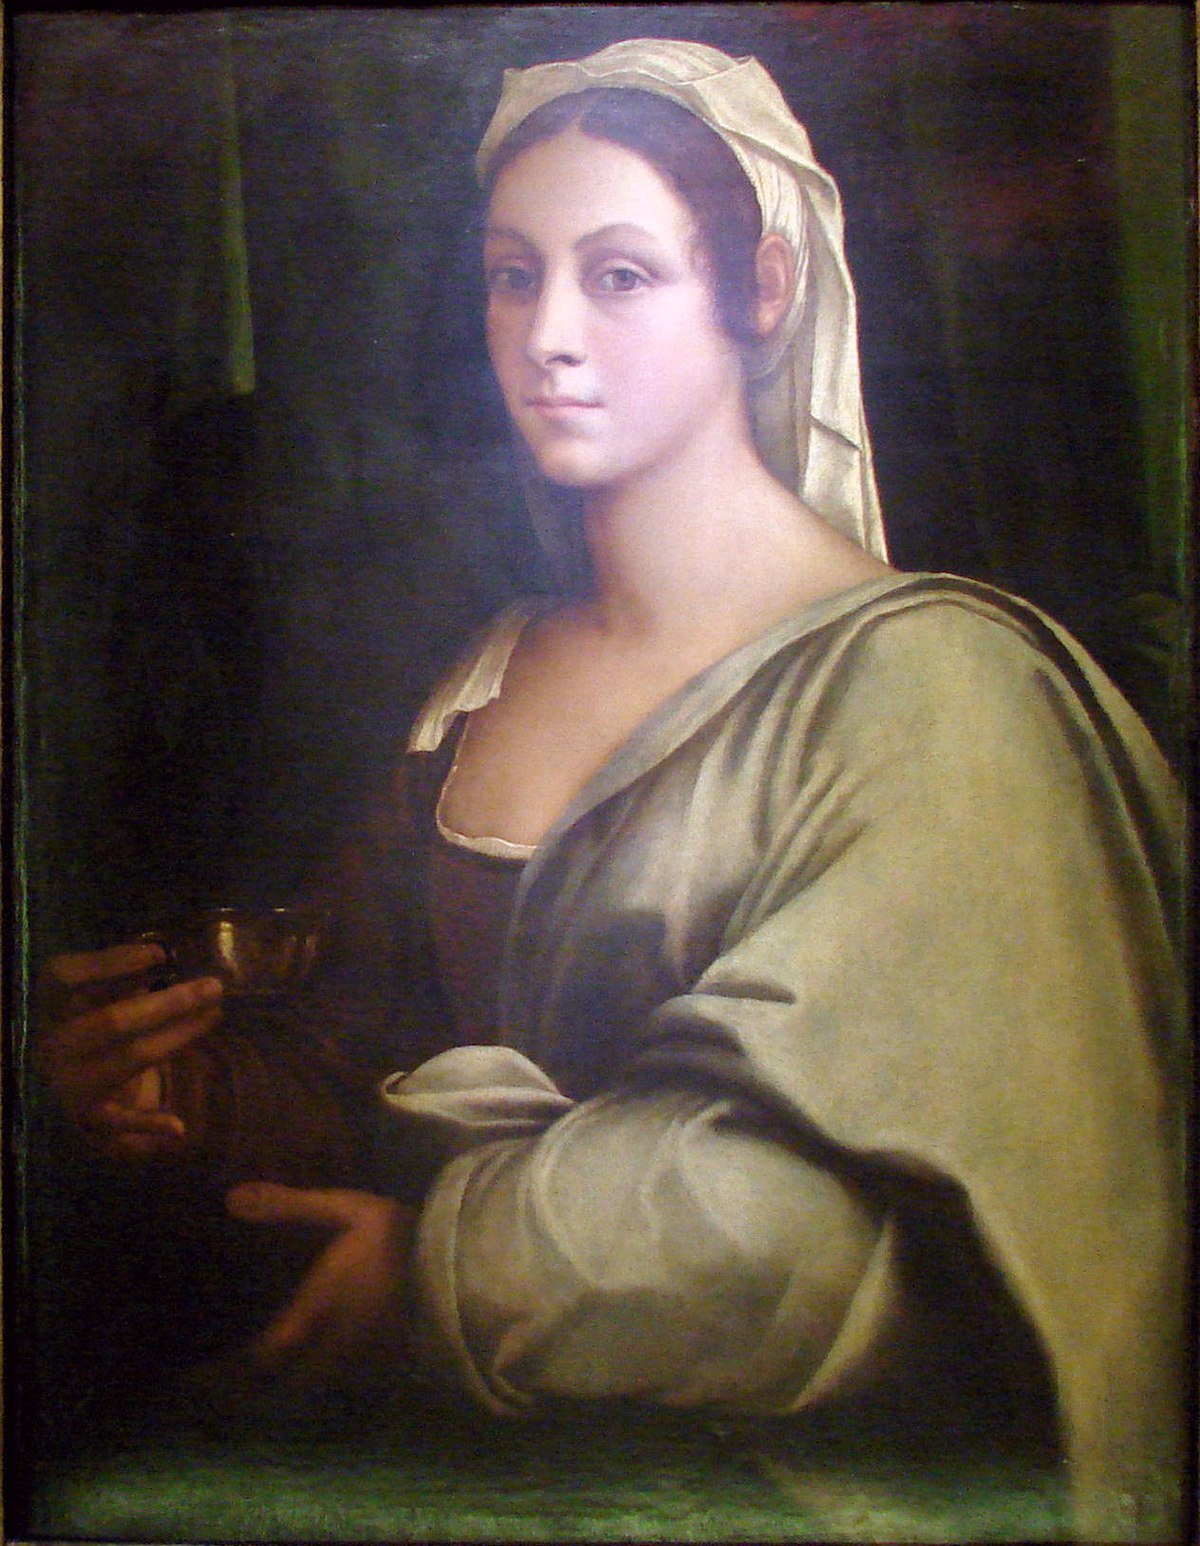 Resultado de imagen de miguel ángel Buonarroti vittoria colonna